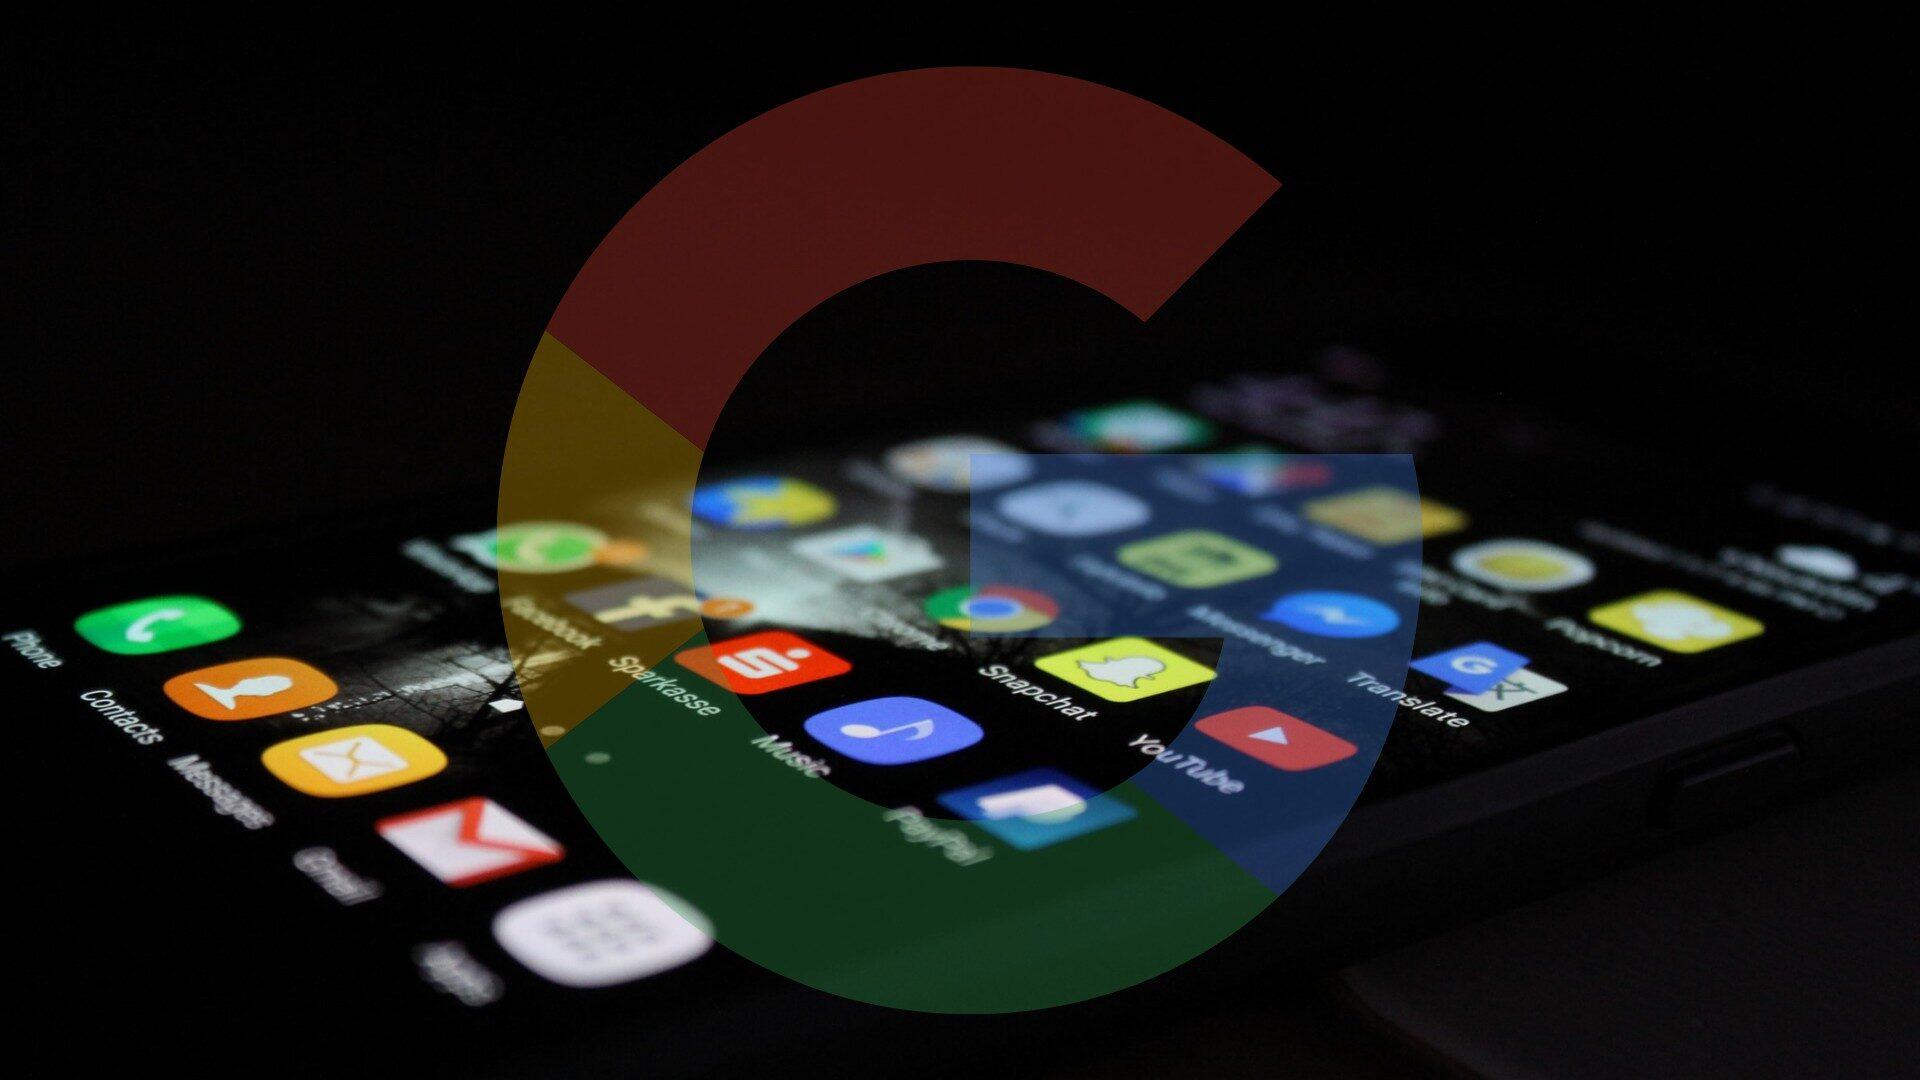 Android, Apple Ekosistemine Kıyasla 20 Kat Daha Fazla Veri Kaydediyor